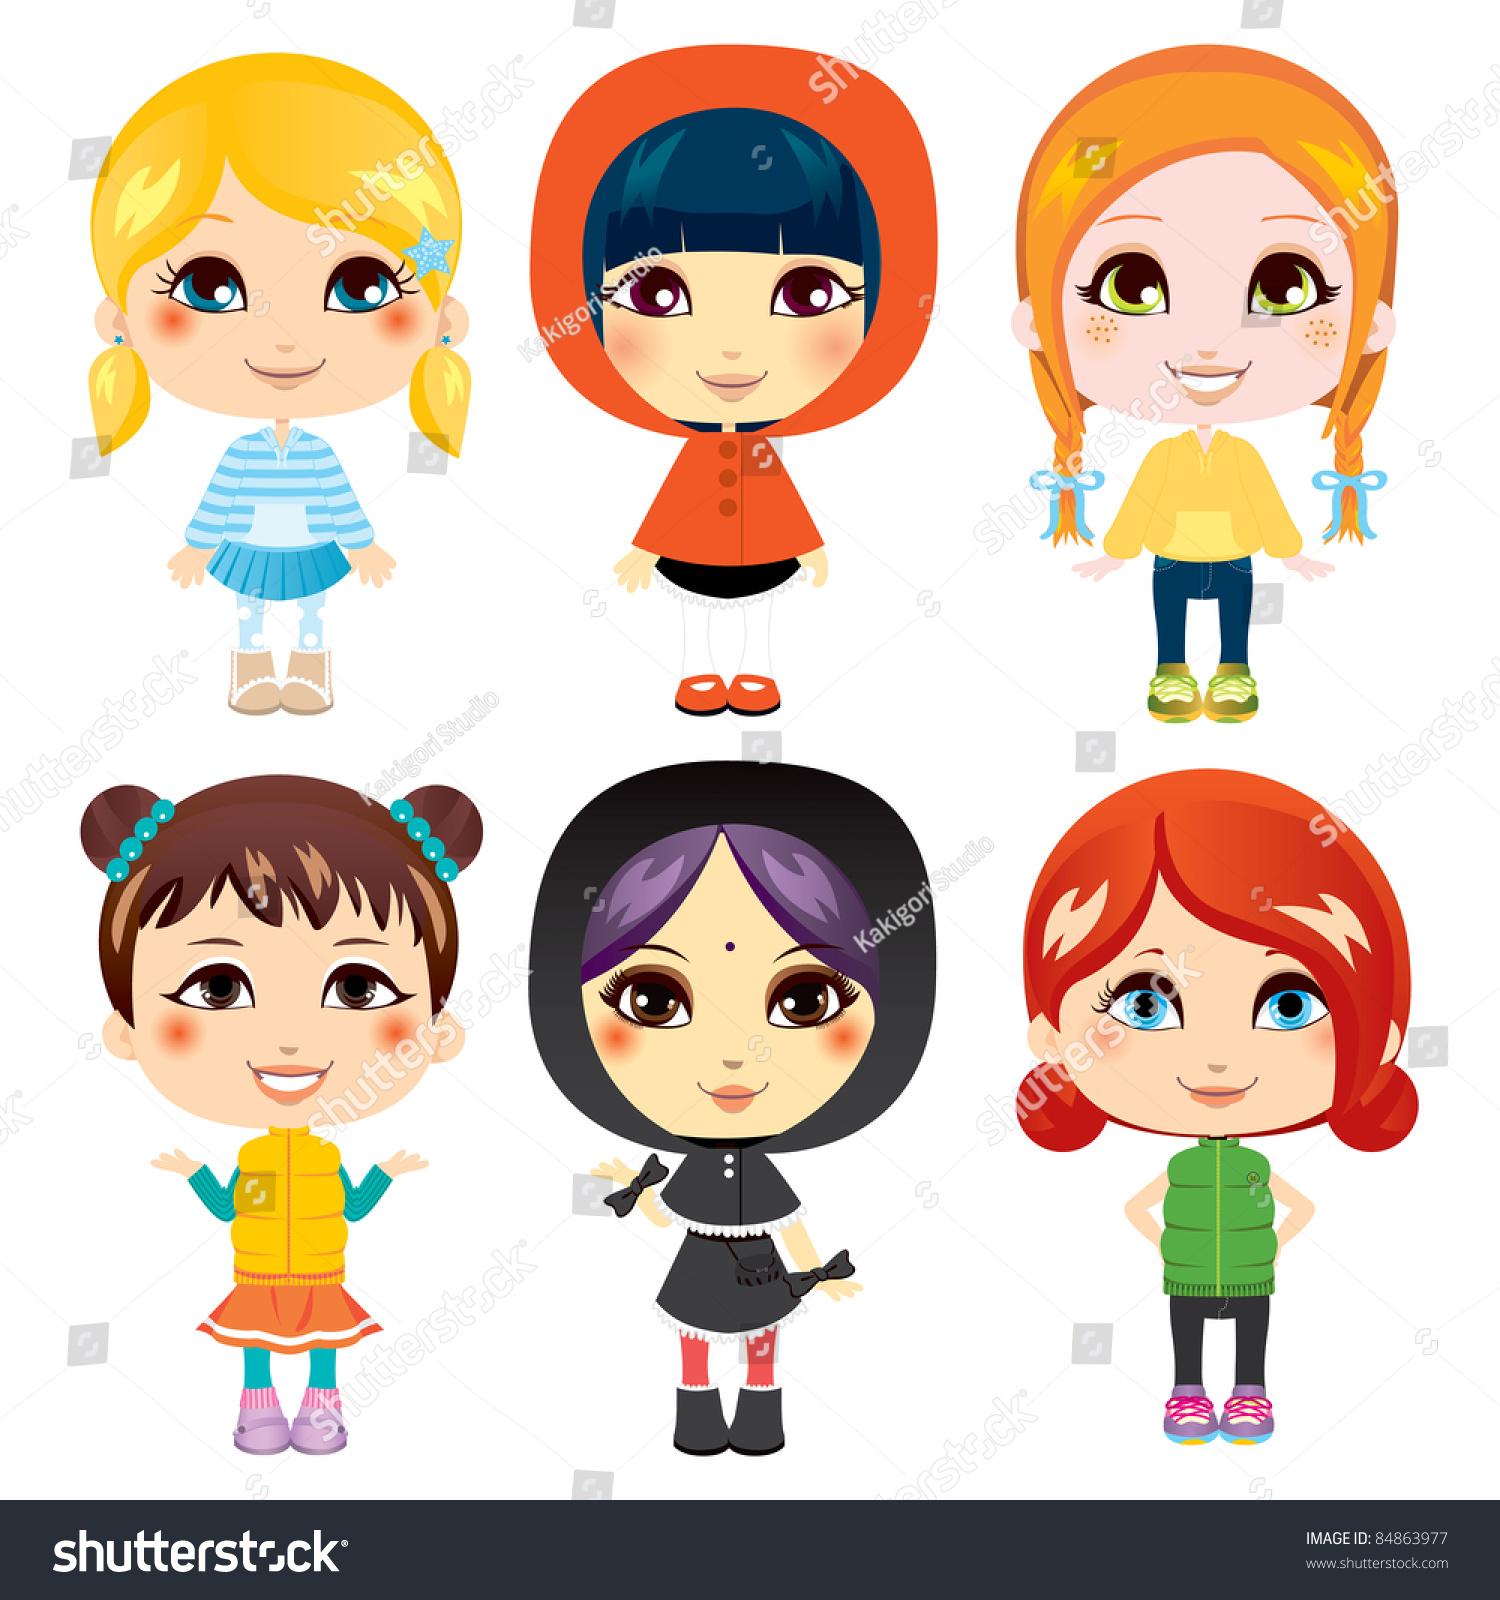 六个可爱的小女孩来自不同民族和不同的服装风格